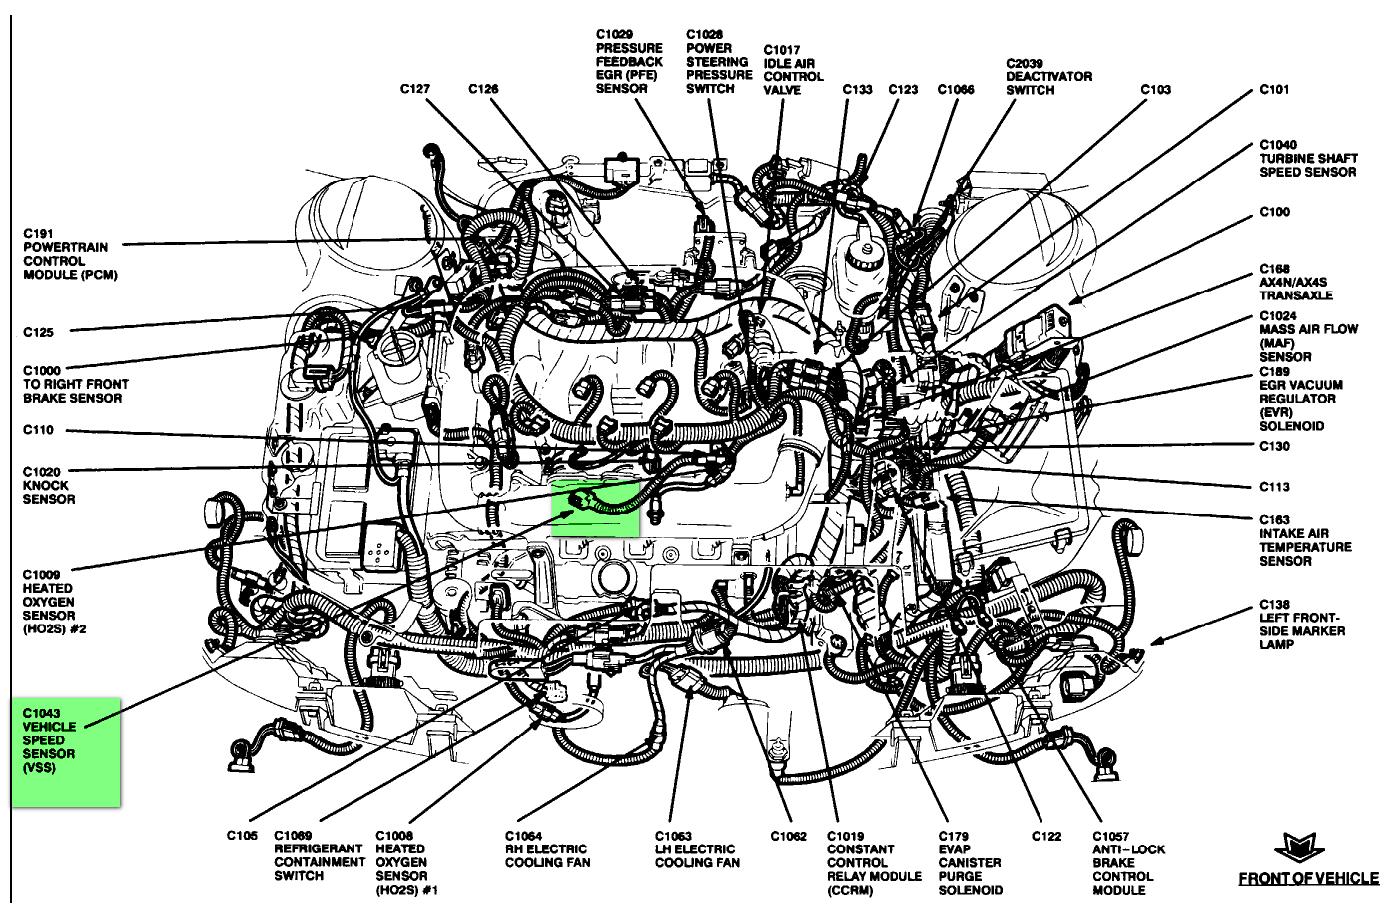 95 ford taurus engine diagram wiring data schema u2022 rh paletteparty co 1997 Taurus Wiring Diagram 2001 Taurus Wiring Diagram